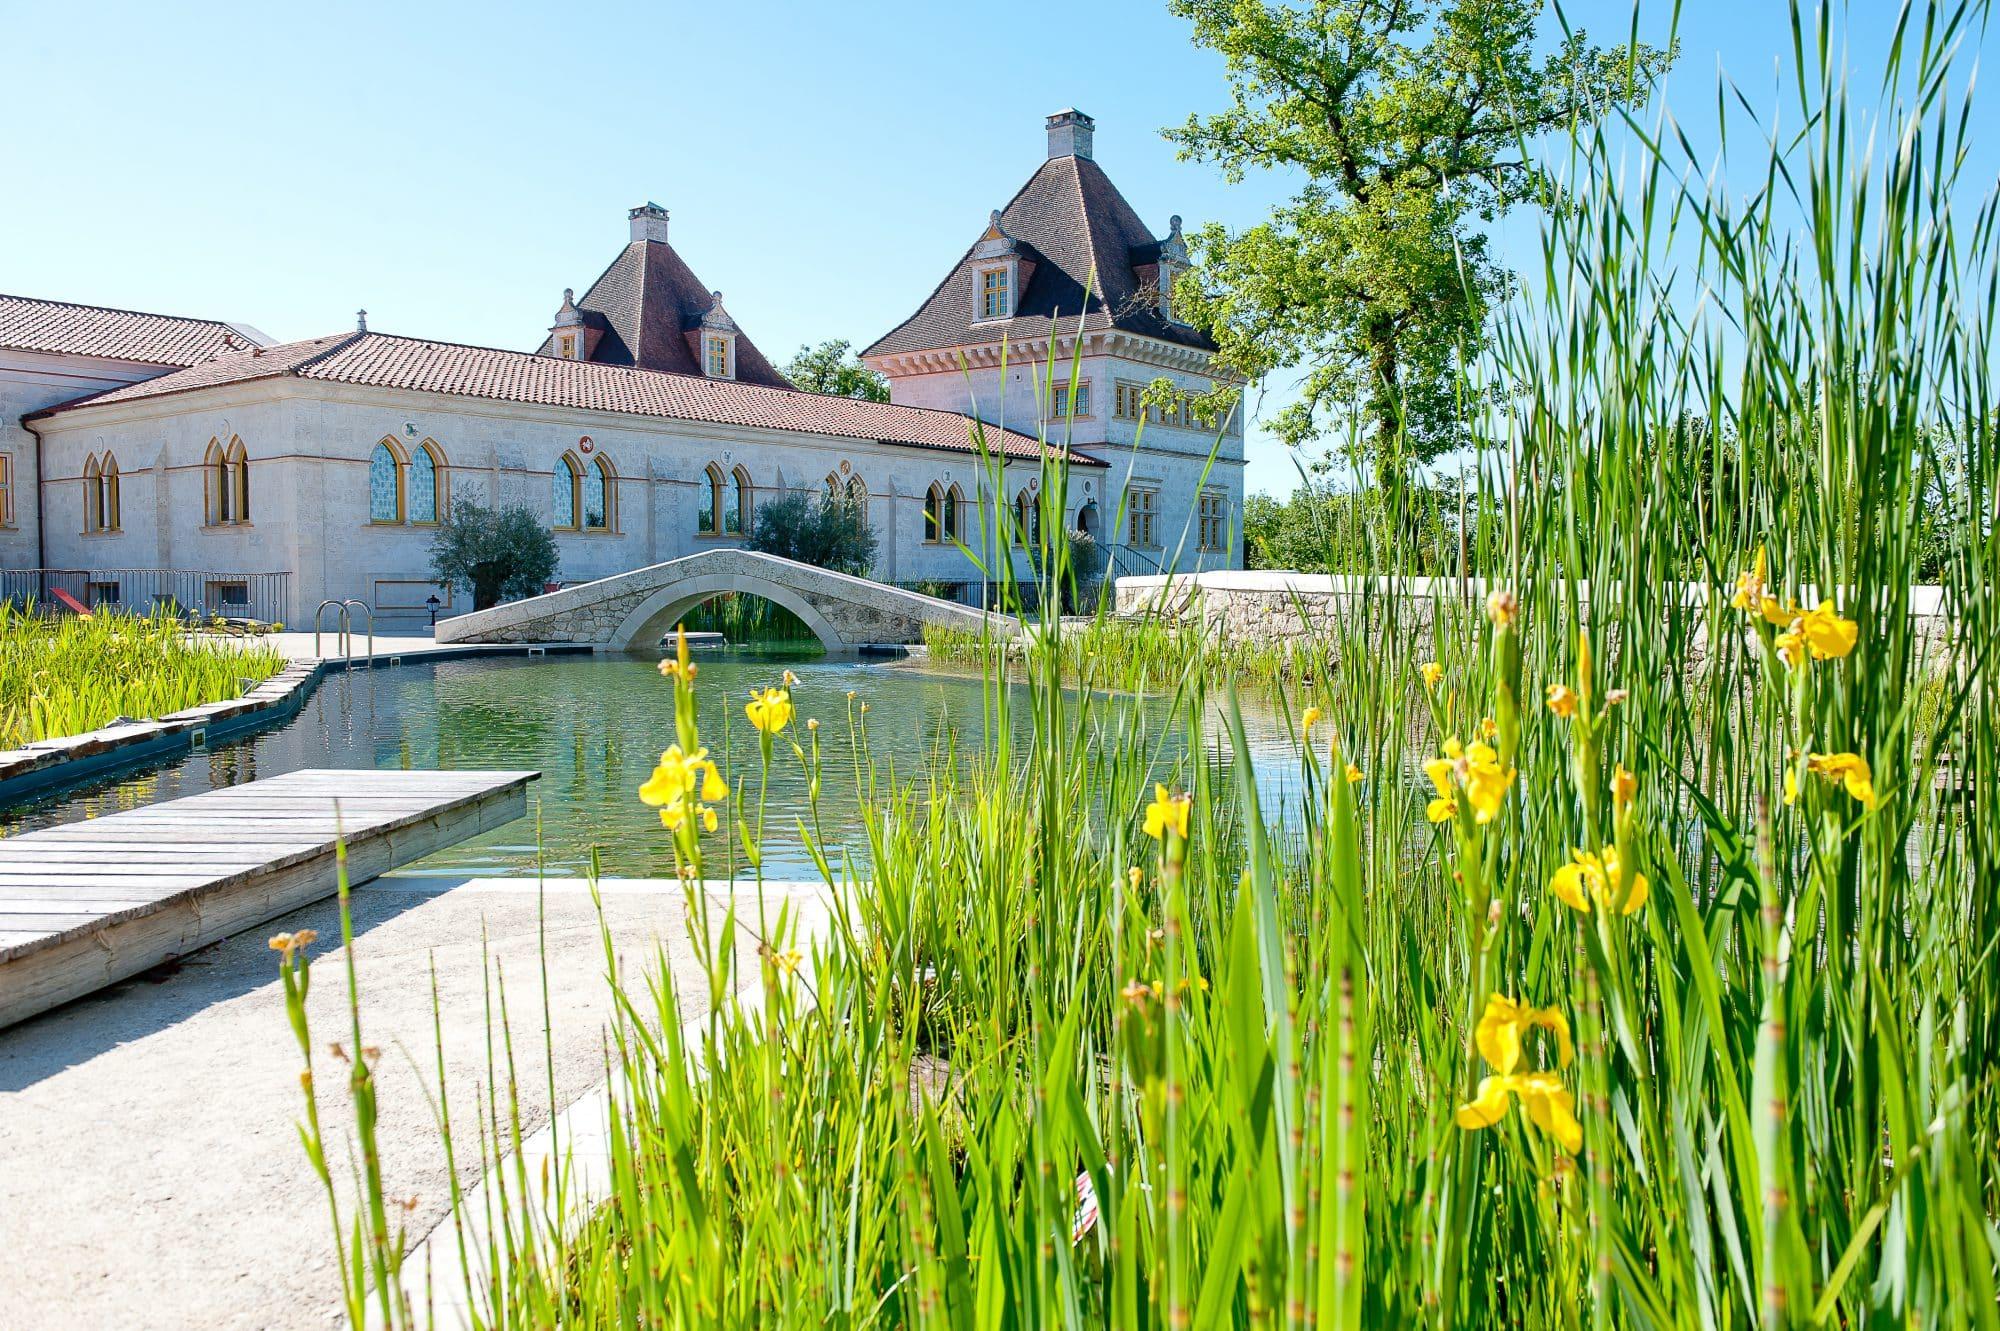 piscine naturelle detox jeune confort gers - Domaine d'Orion